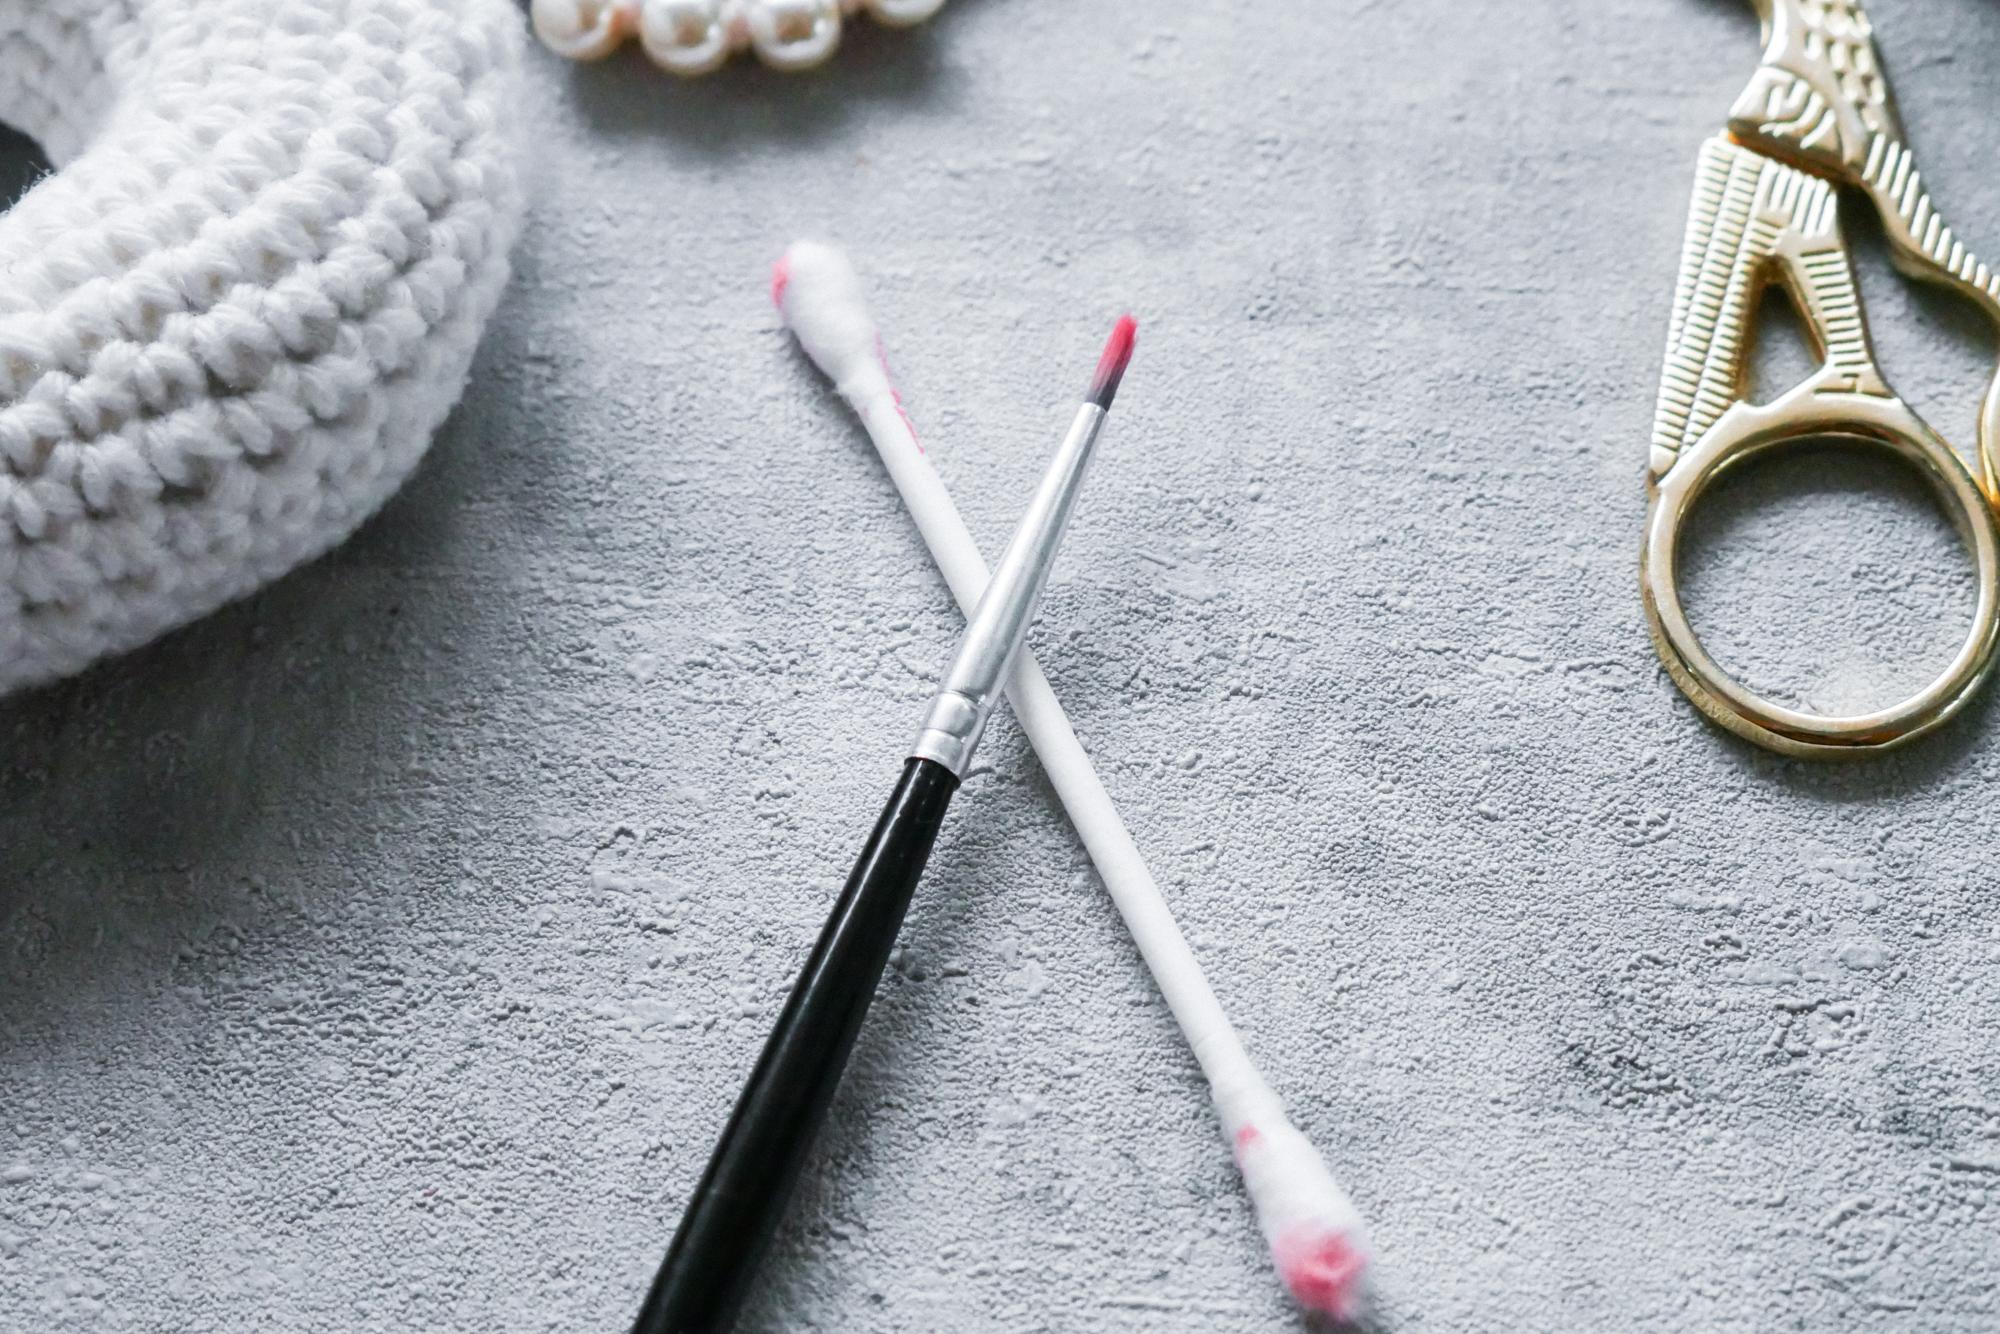 Pinsel um Schminke oder Farbe auf Amigurumi Gesicht auftragen